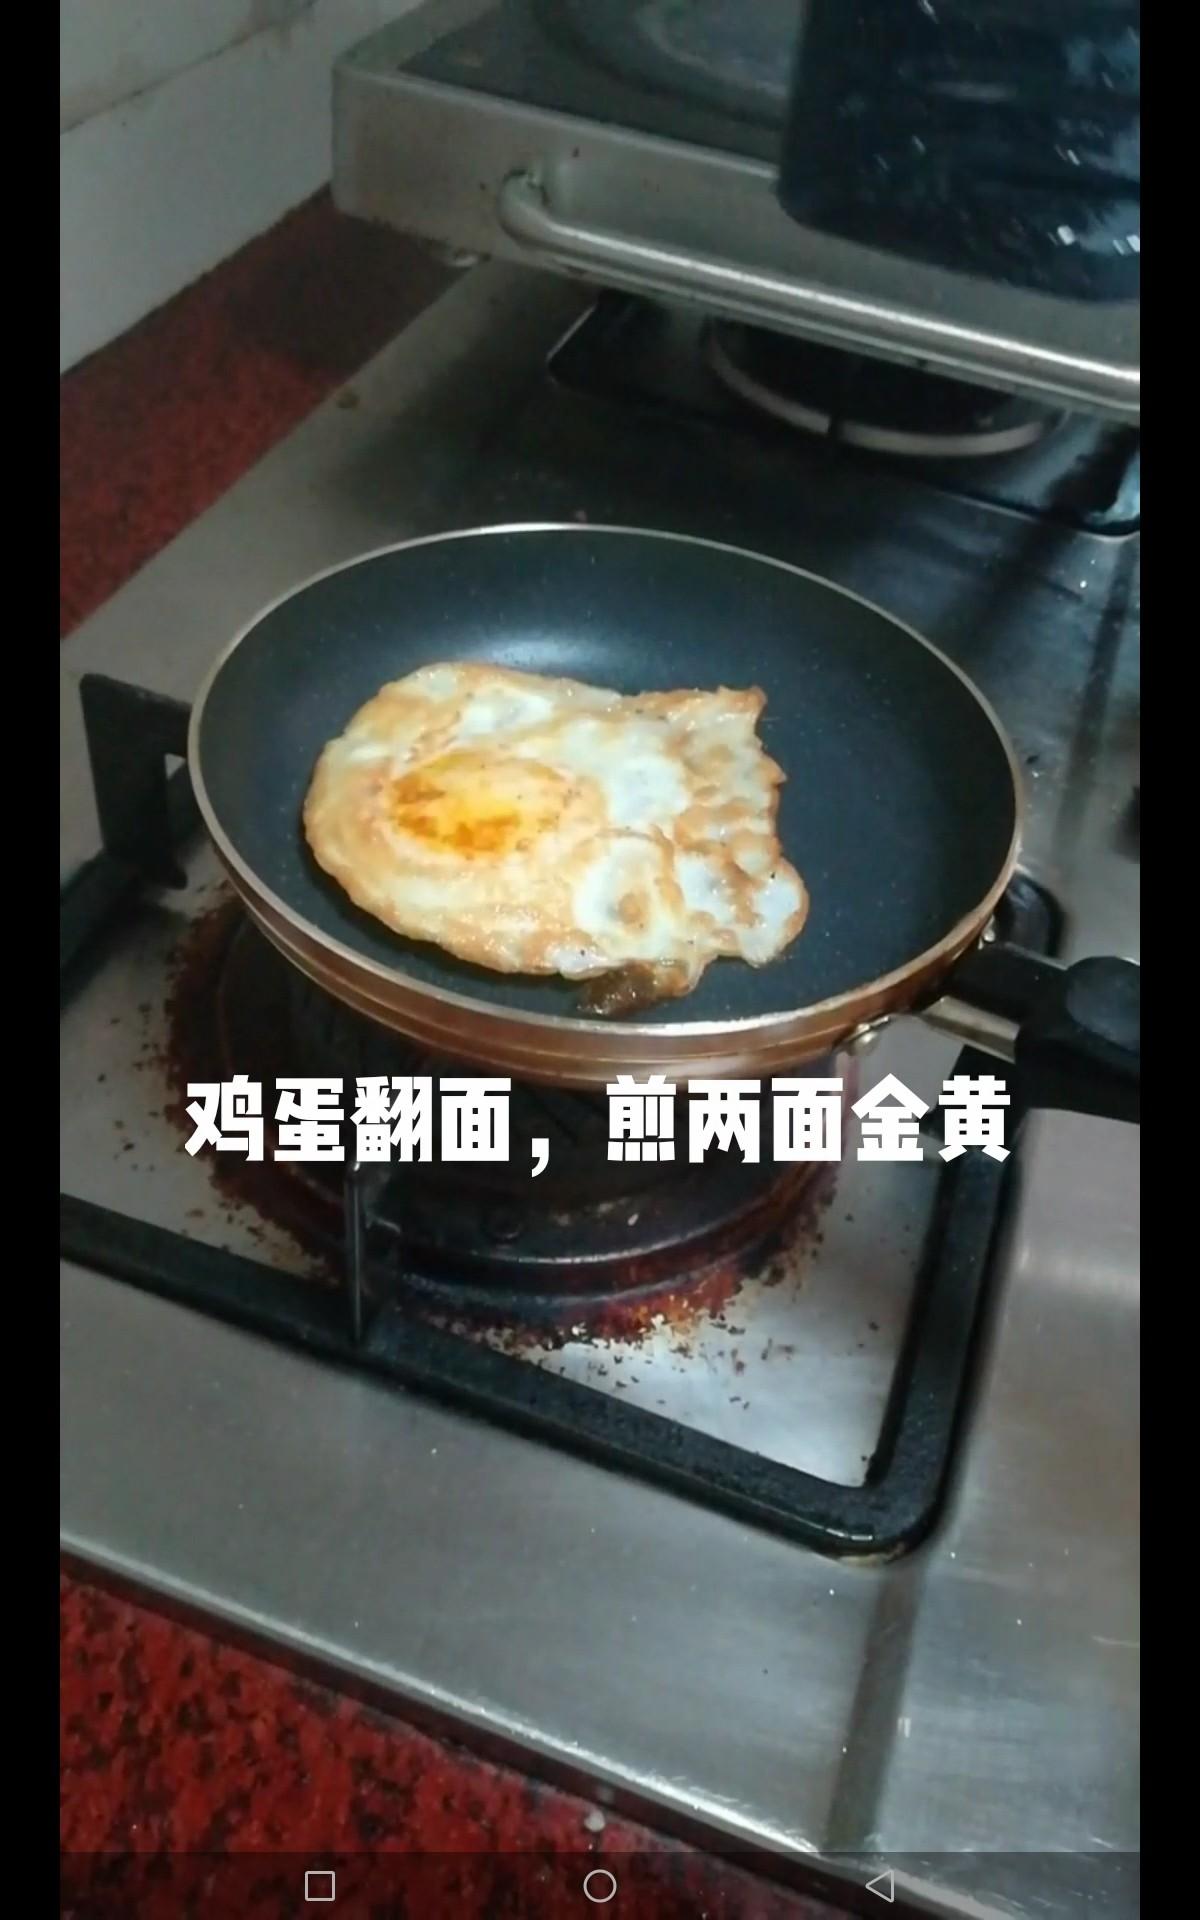 吐司夹火腿鸡蛋的简单做法